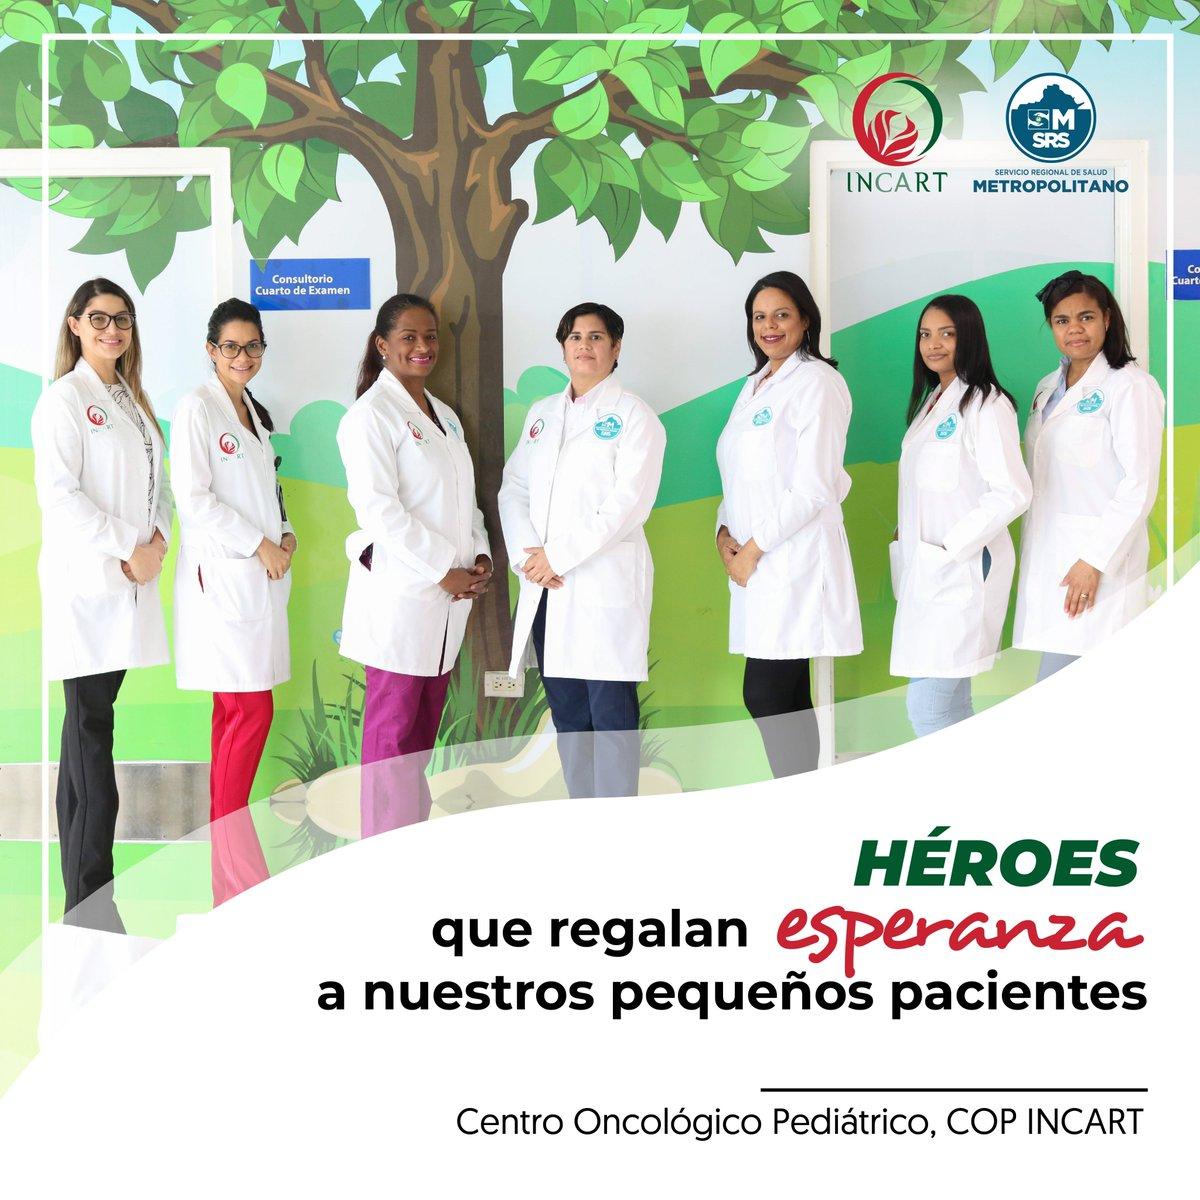 Cuando la excelencia médica convive con un alto sentido de servicio y sensibilidad humana, muchas cosas pueden ser posibles.  Nos sentimos orgullosos de nuestro equipo del Centro Oncológico Pediátrico, COP INCART.   #DíaDelCáncerInfantil #cáncerinfantil #cáncer #ICCDay